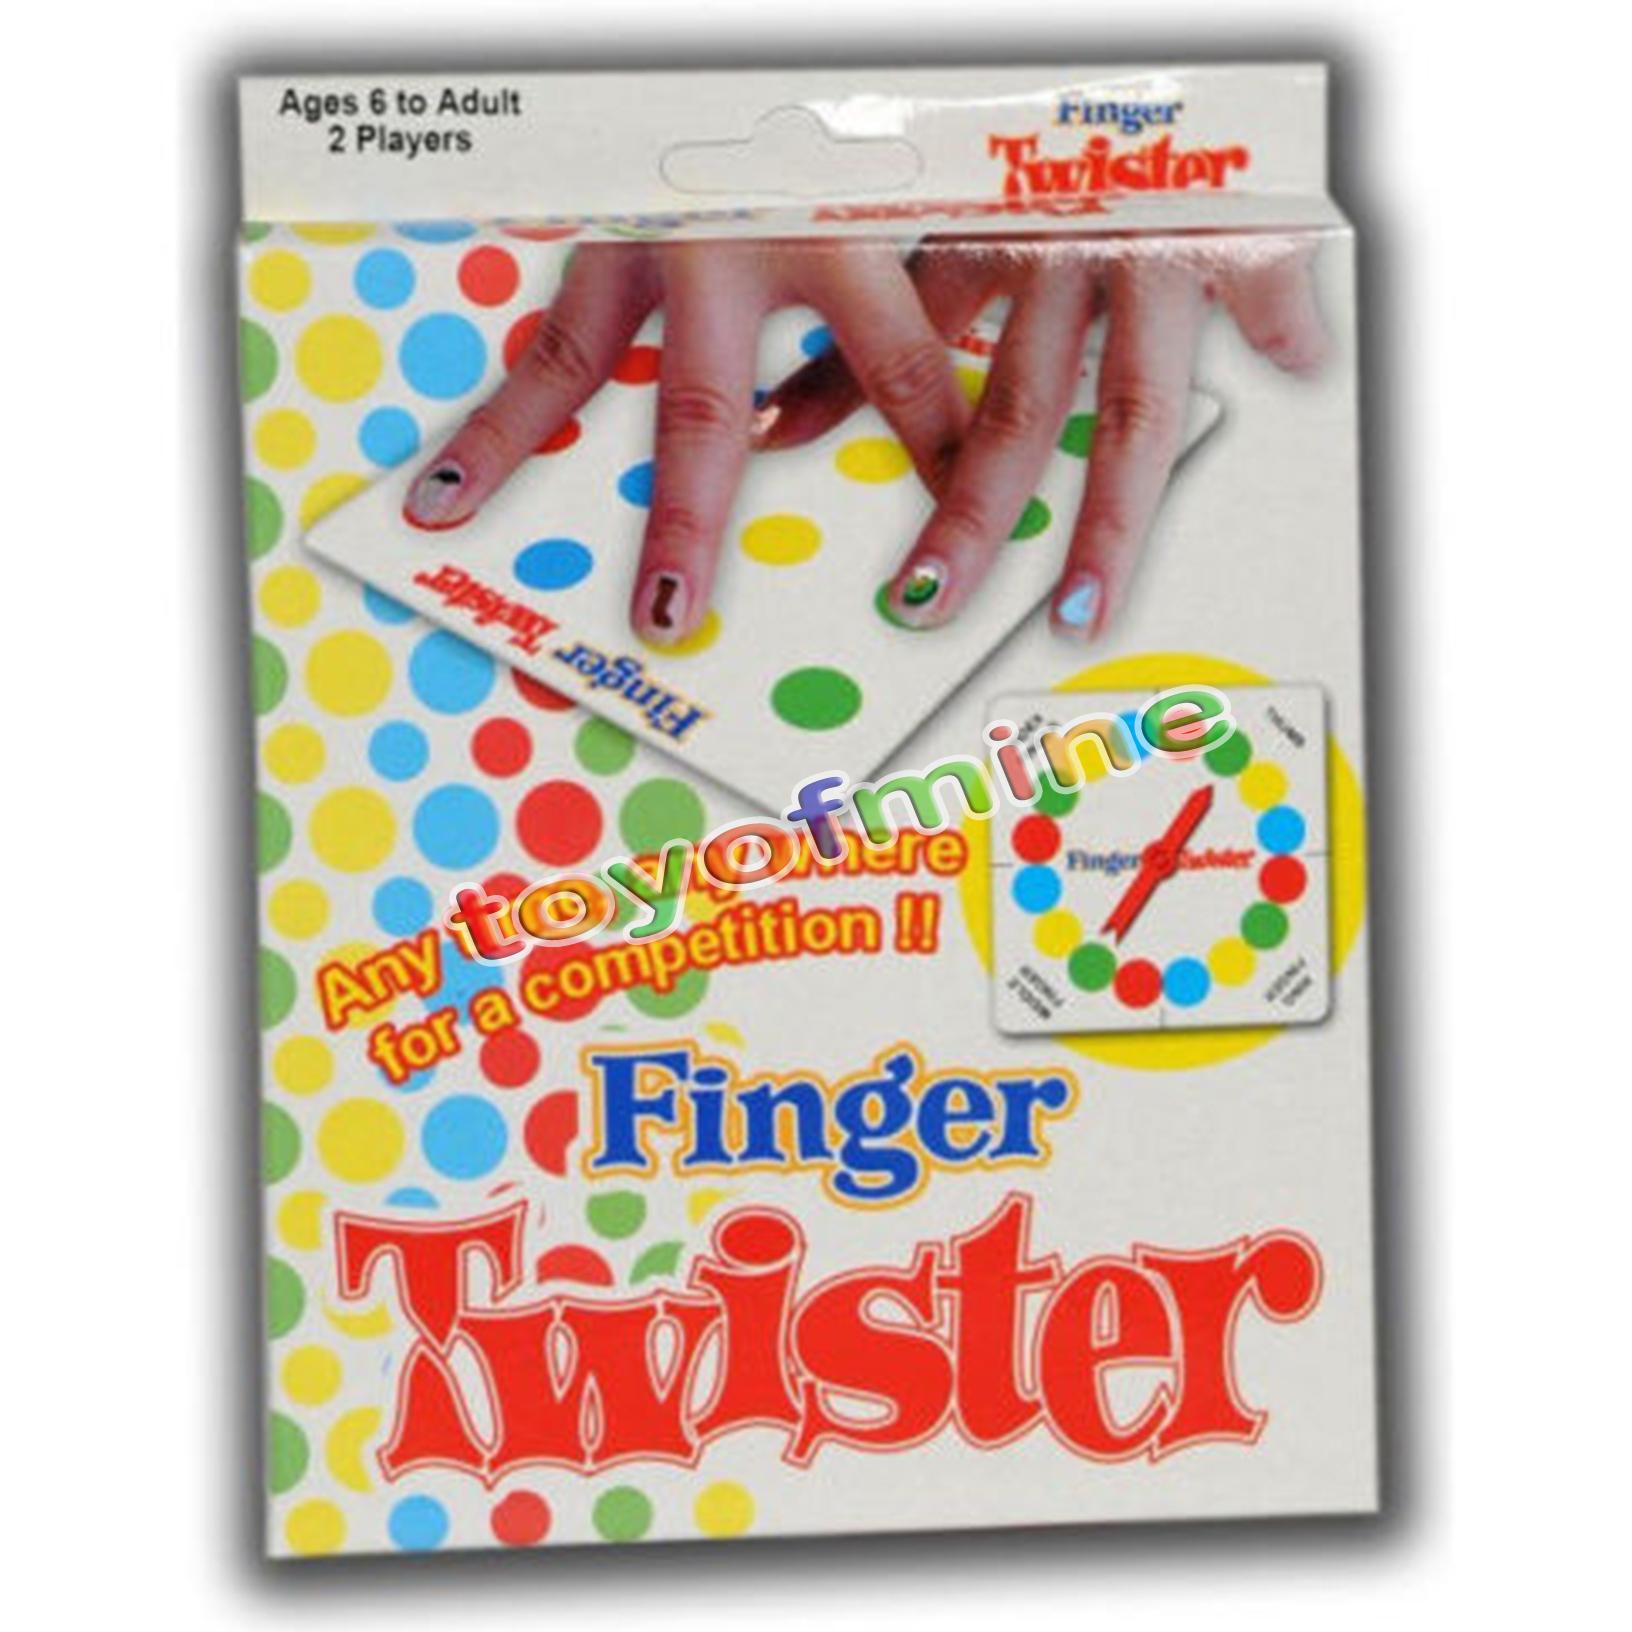 finger twister brettspiel mini version tisch party spiele geschenk ebay. Black Bedroom Furniture Sets. Home Design Ideas